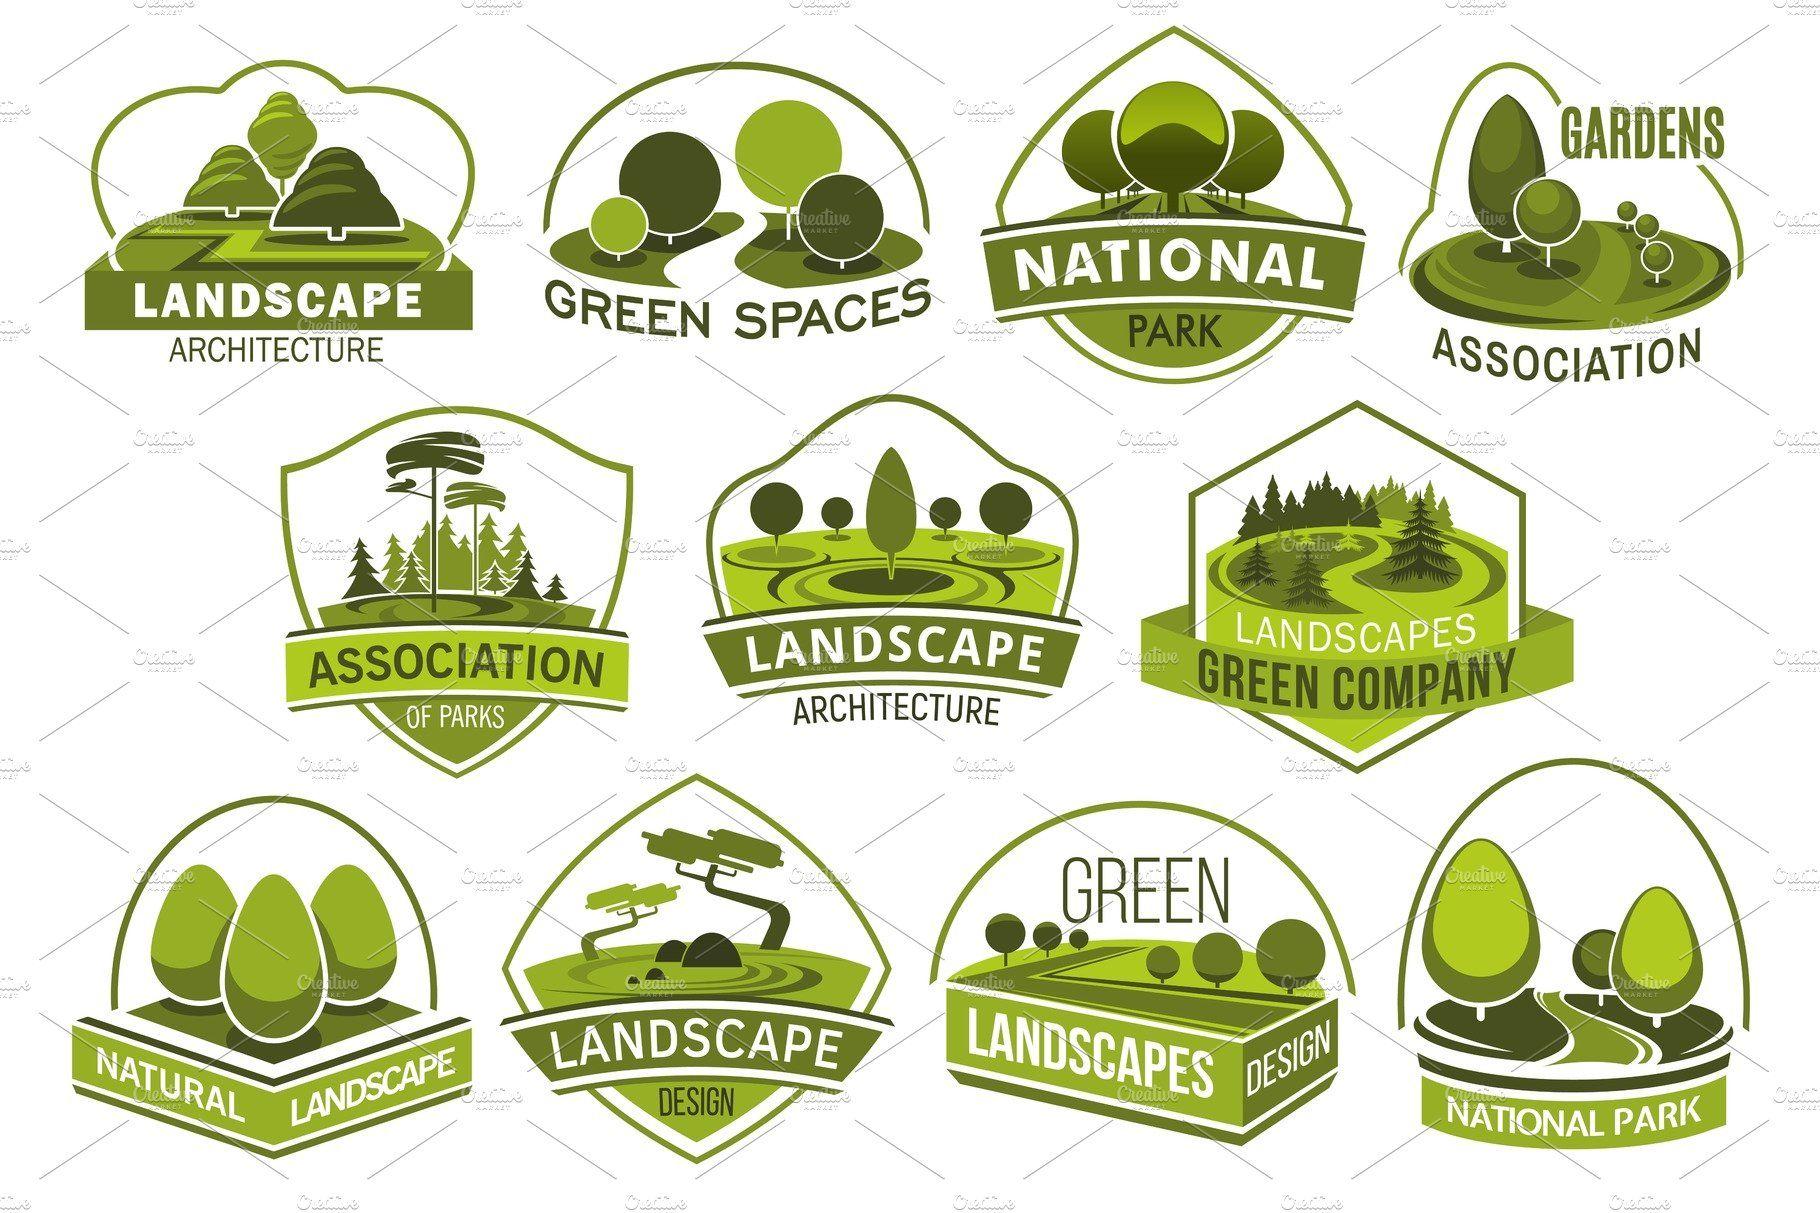 Landscape Park And Garden Design With Images Landscape Design